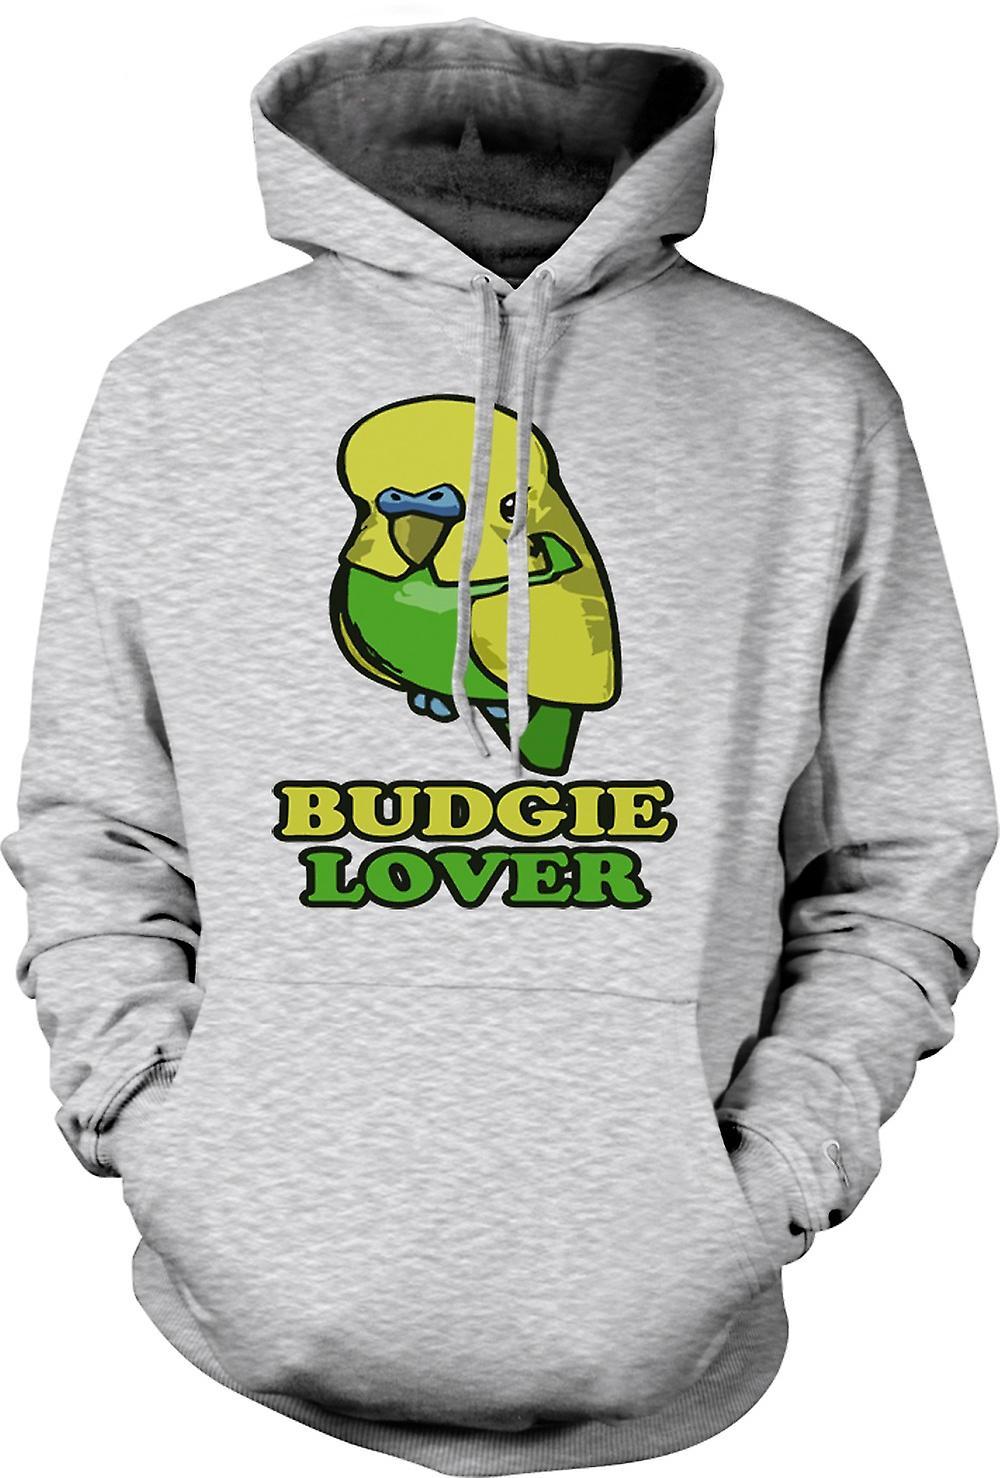 Mens Hoodie - Budgie Lover